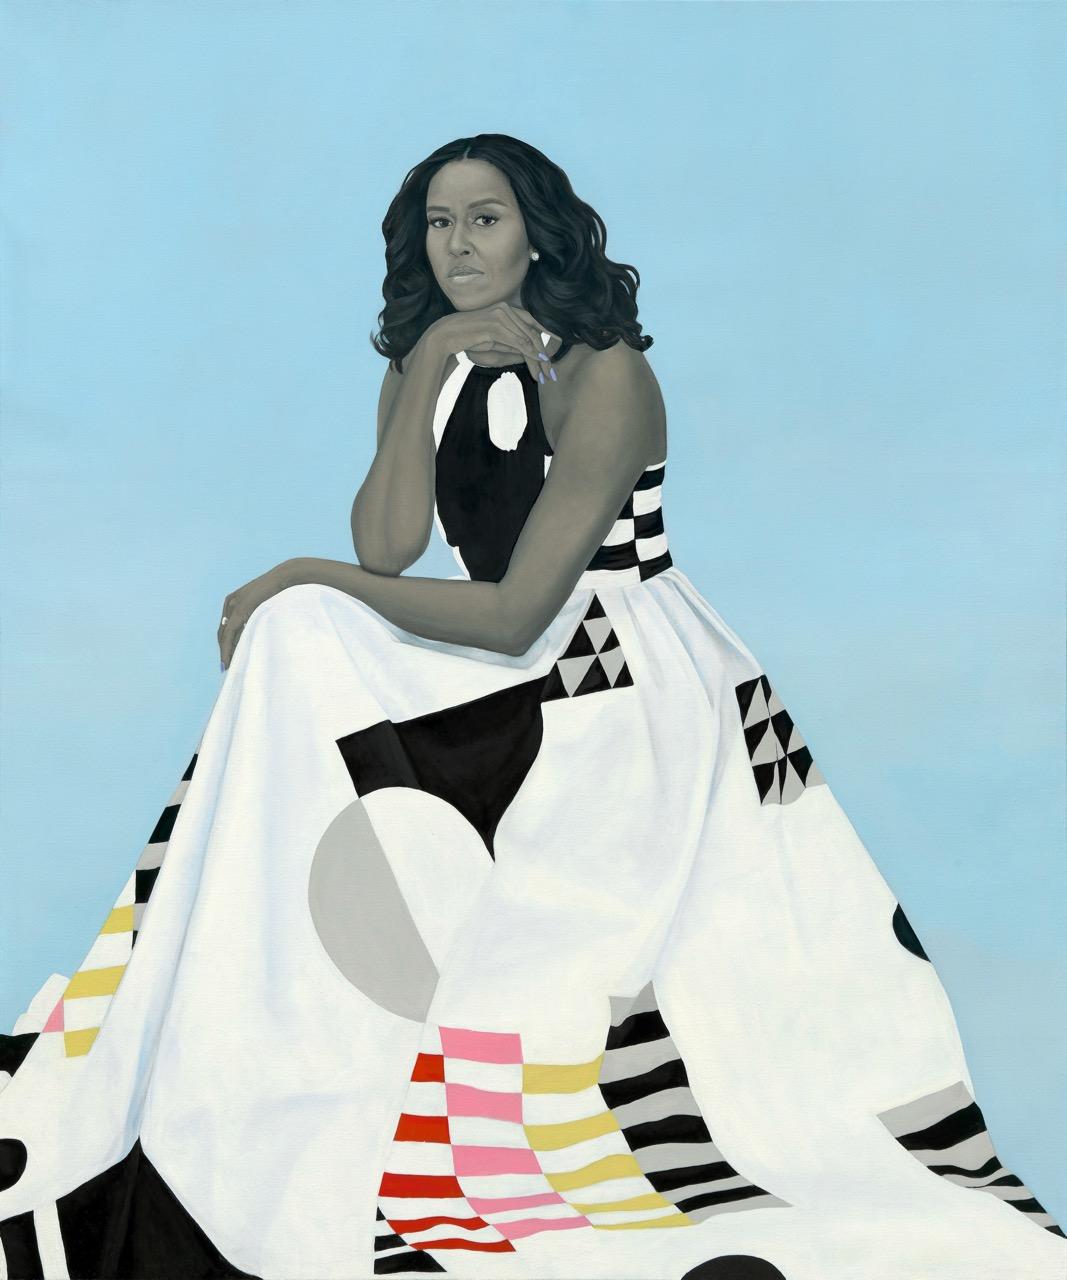 StFelix-Amy-Sherald-Portrait-Michelle-Obama (1)